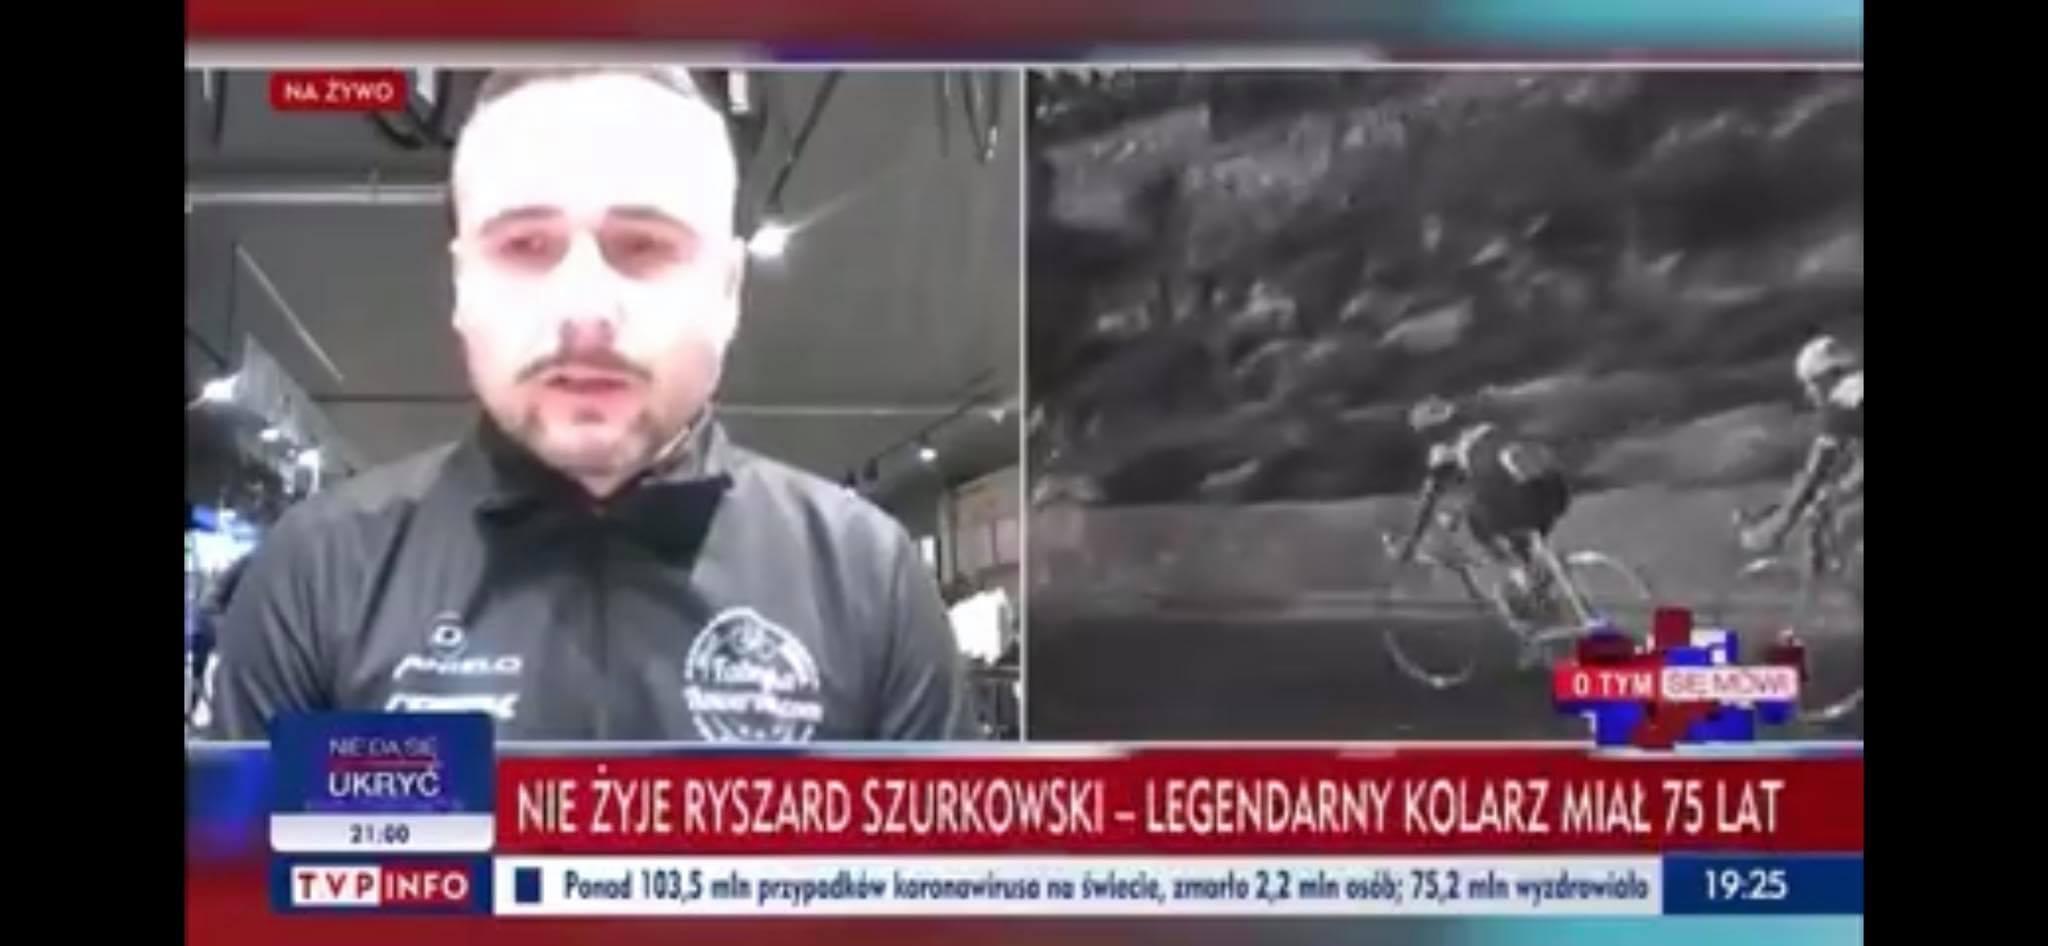 Wywiad w telewizji fabrykarowerow.com